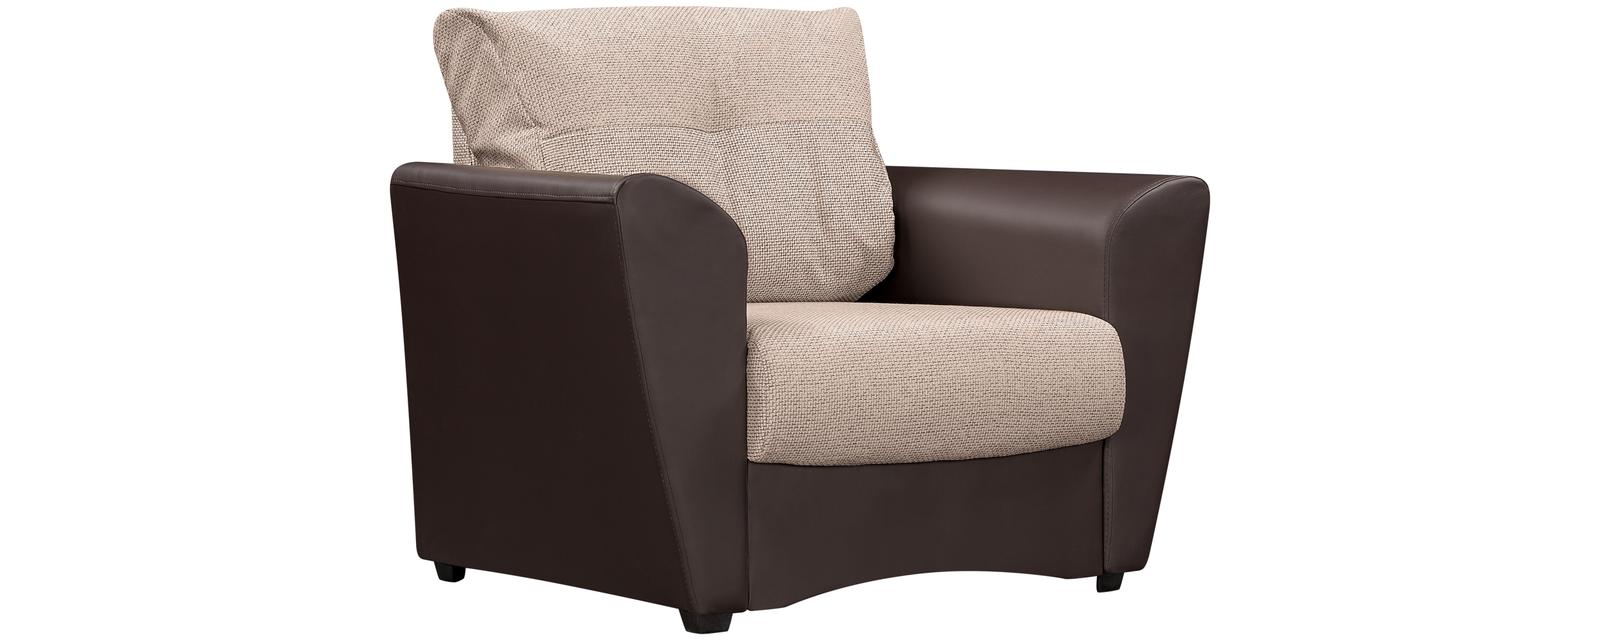 Кресло тканевое Амстердам Sola бежевый (Ткань + Экокожа)